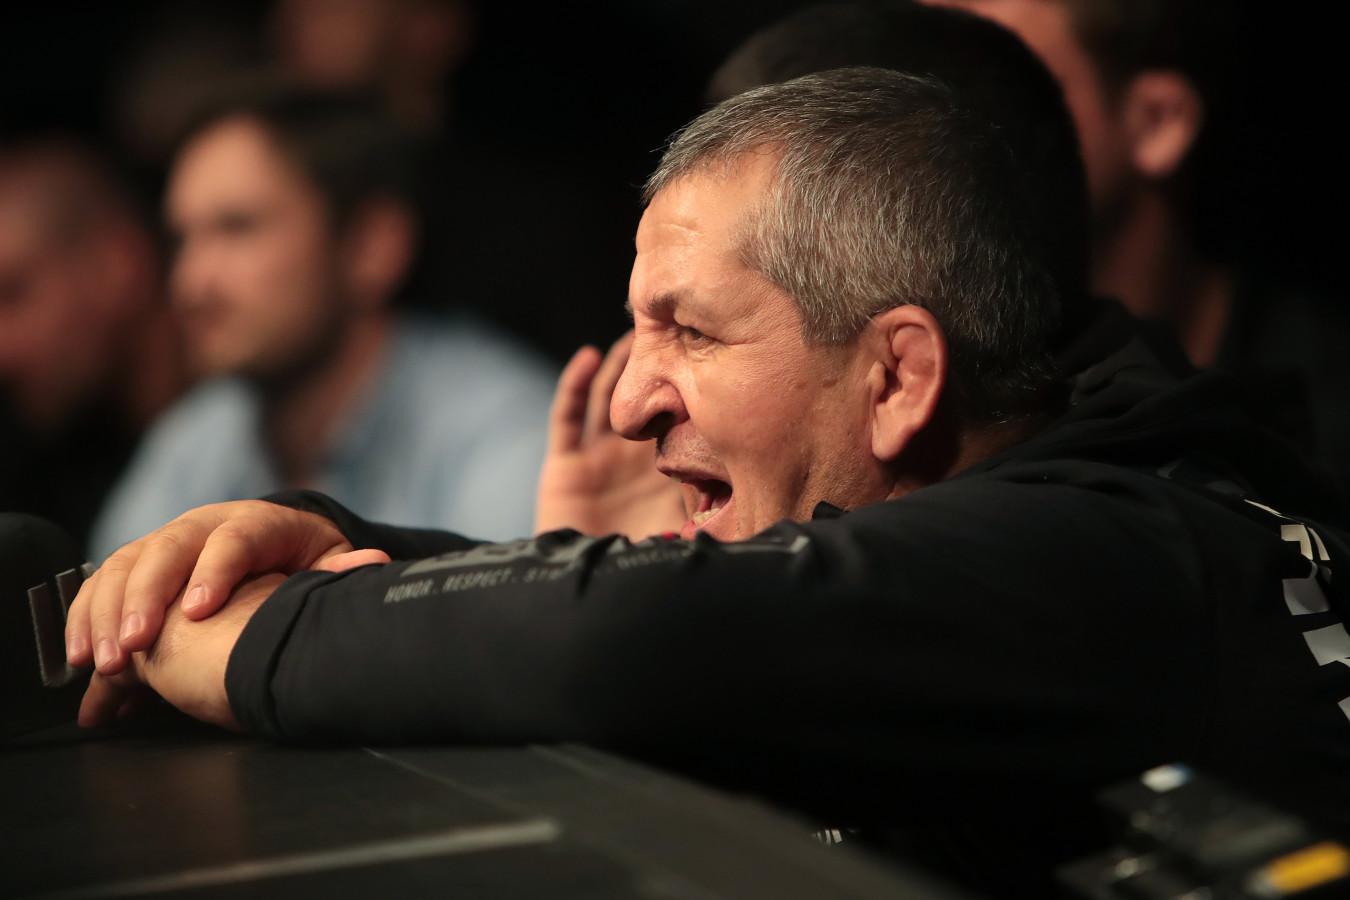 Тренер Нурмагомедова: у меня был негативный момент с отцом Хабиба